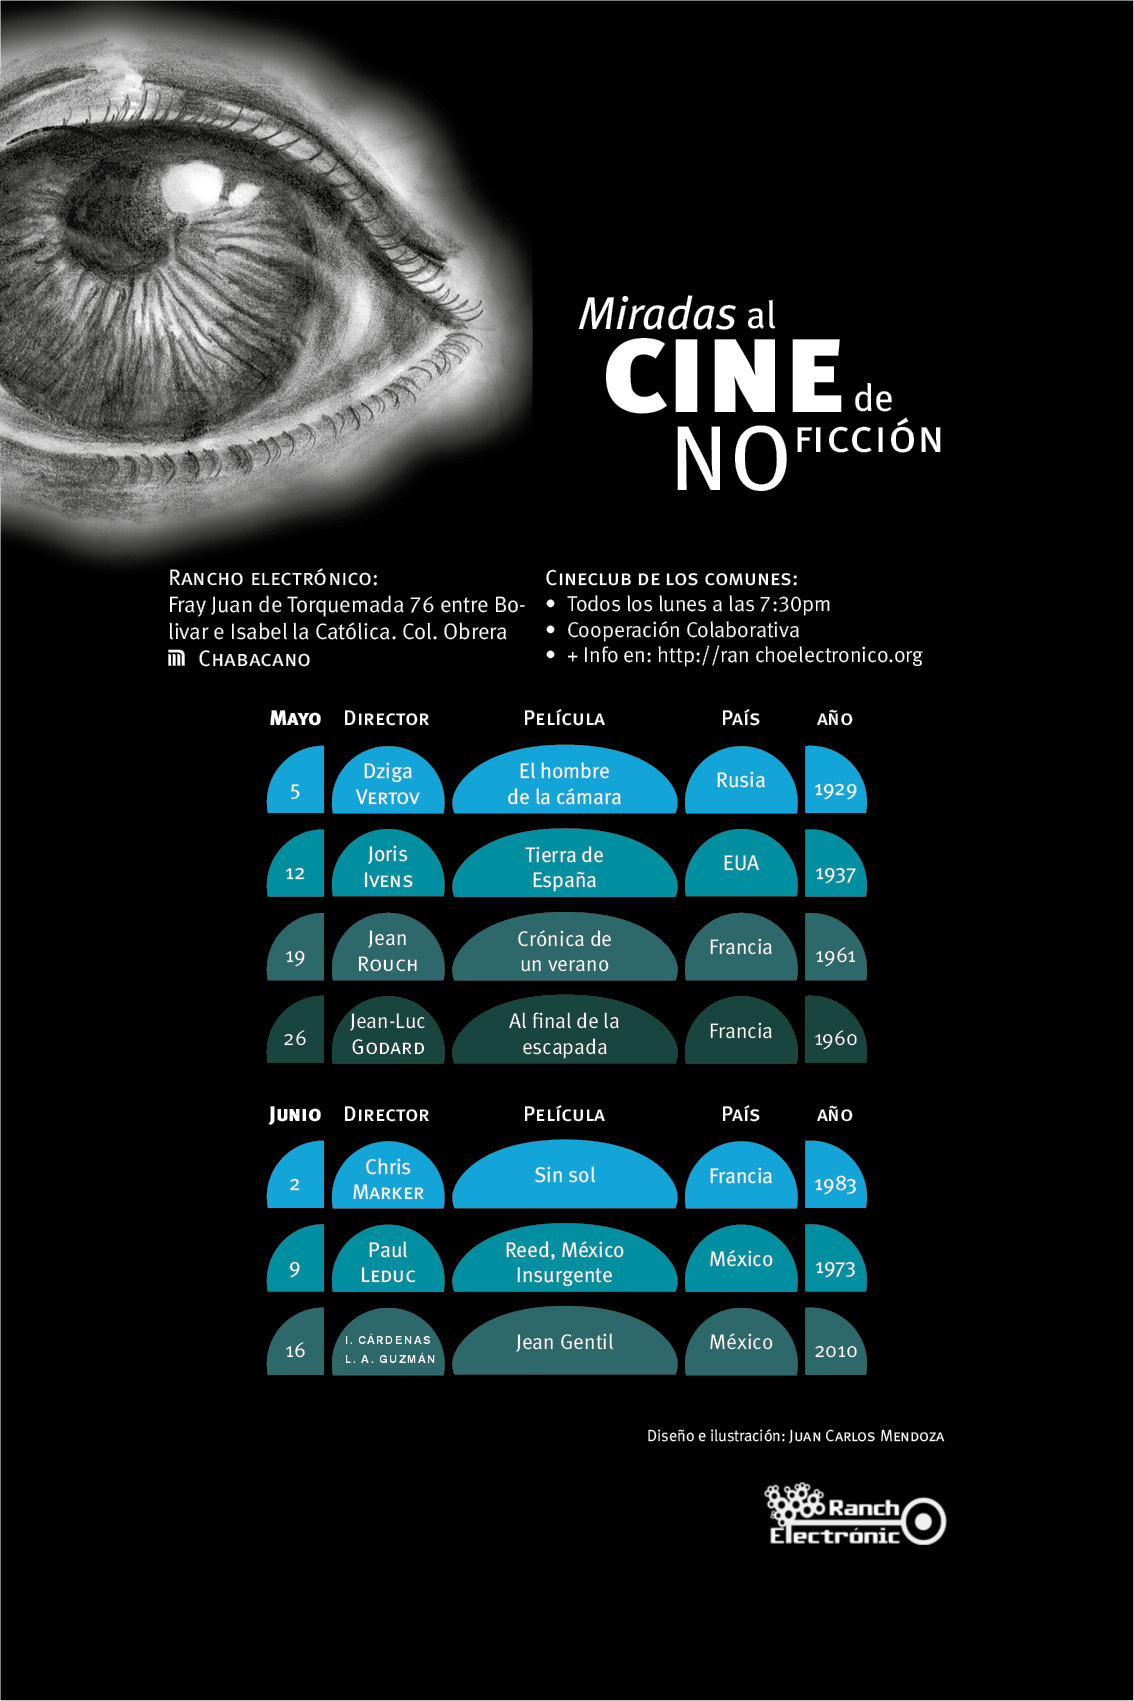 Miradas al cine de no ficción